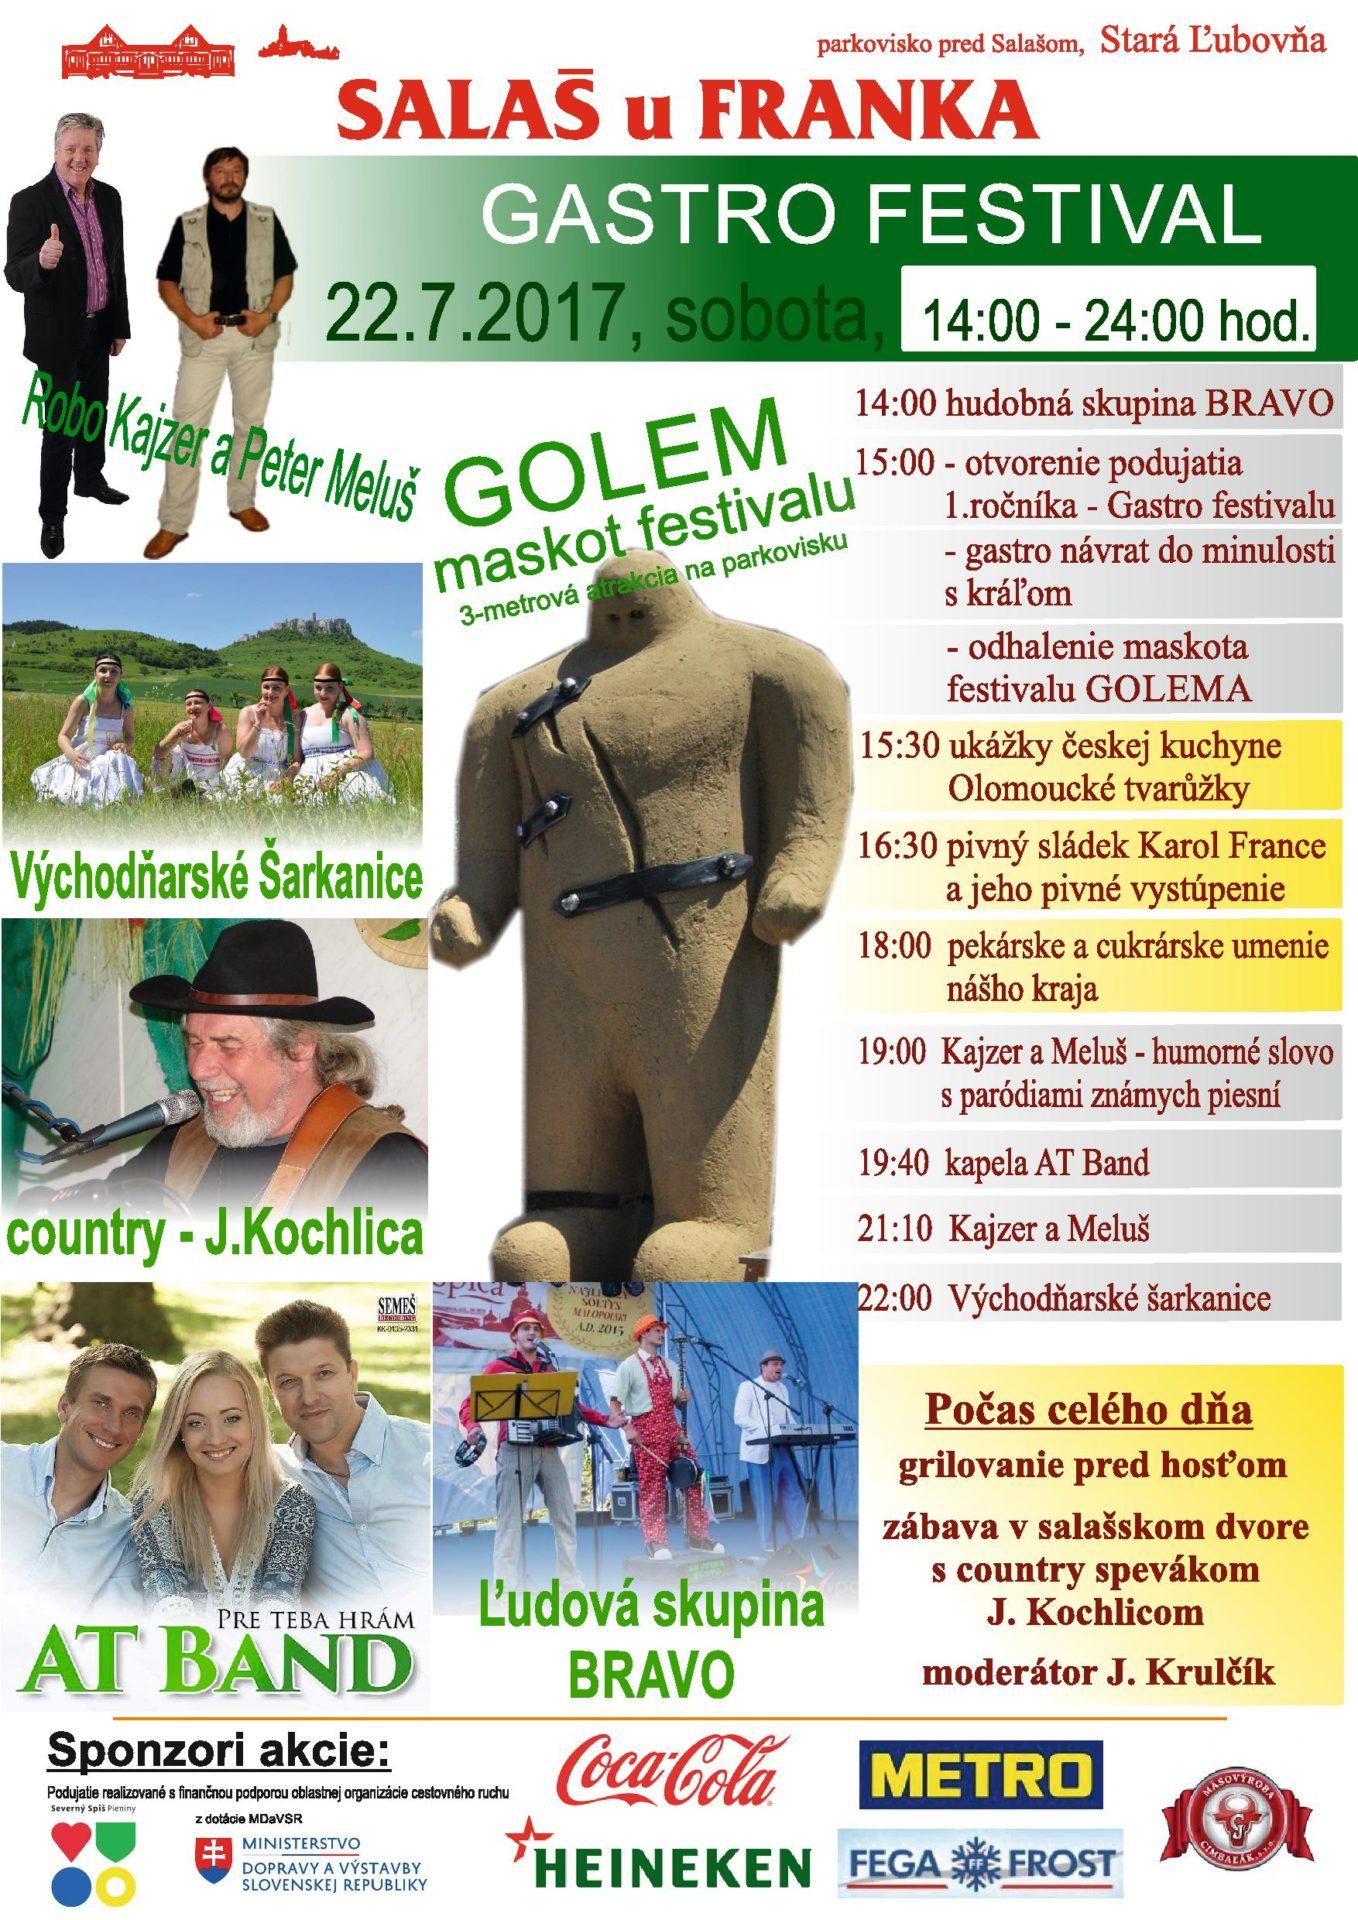 Gastro festival plagát-page-001